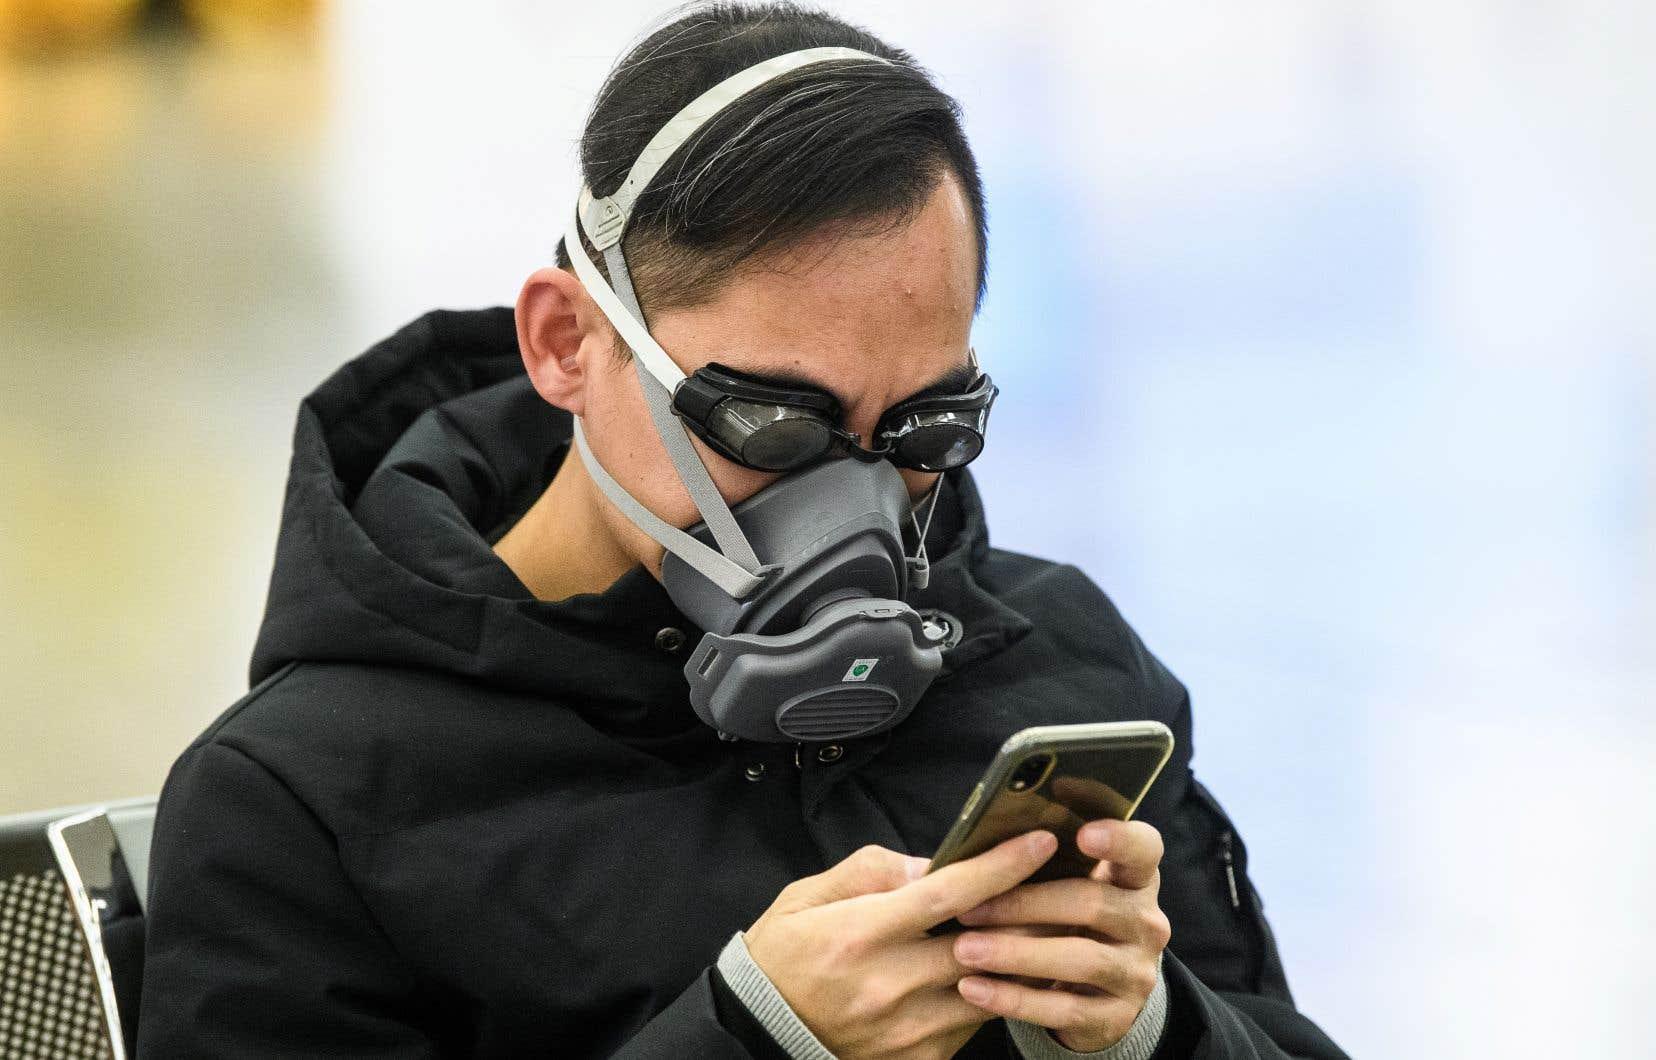 Ces décisions interviennent au moment où la réponse mondiale à la pandémie s'intensifie et où de fausses informations mettant en doute parfois la réalité même du virus circulent sur Internet.